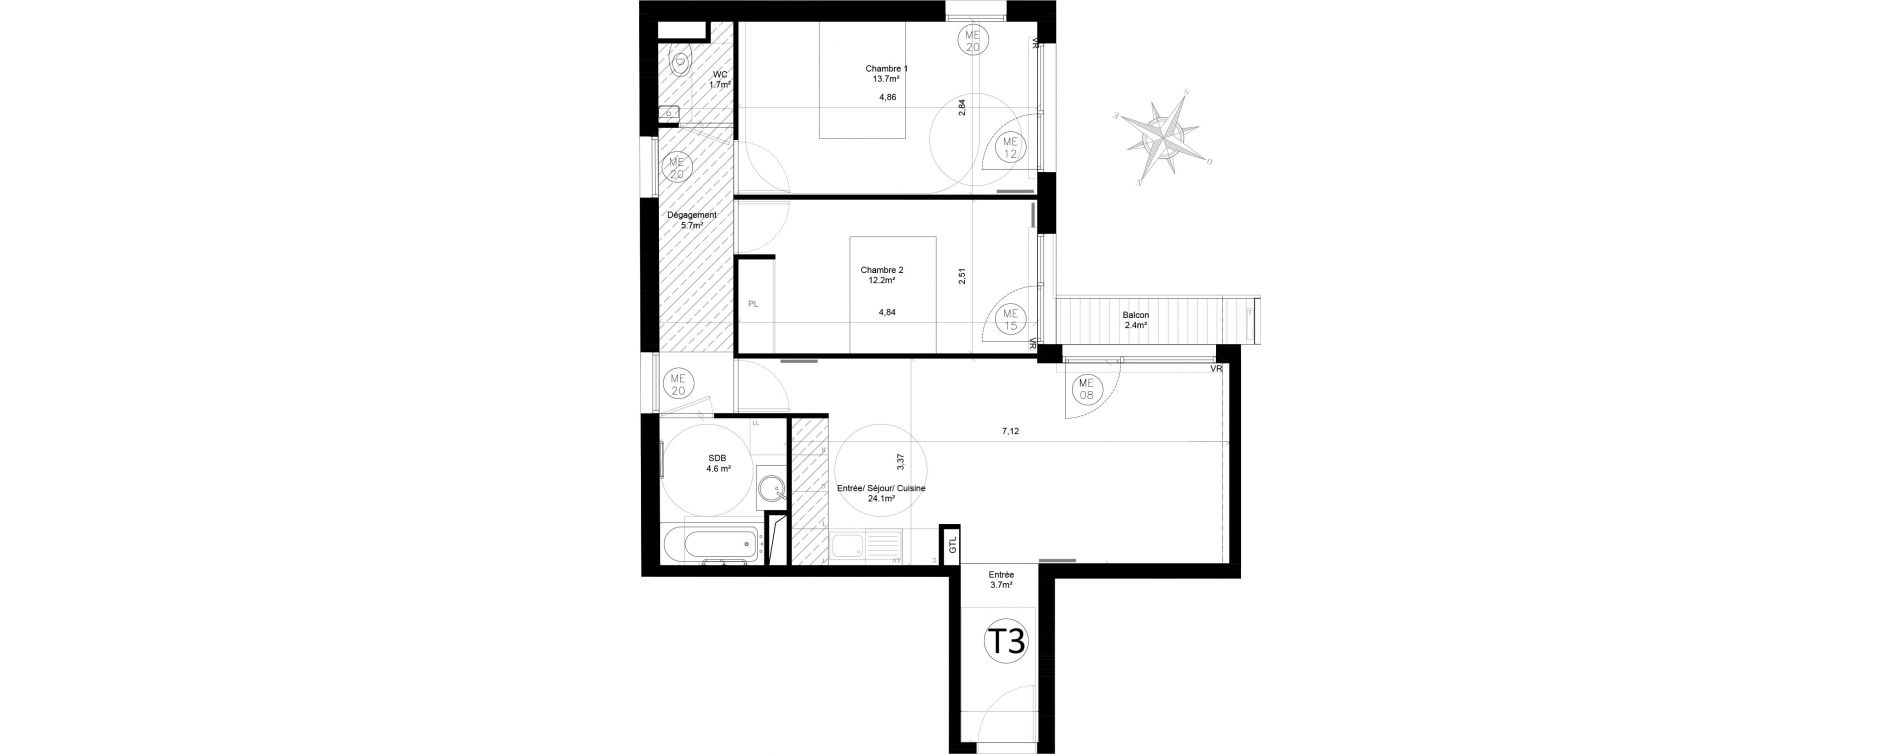 Appartement T3 de 65,70 m2 à Issy-Les-Moulineaux Chemin des vignes